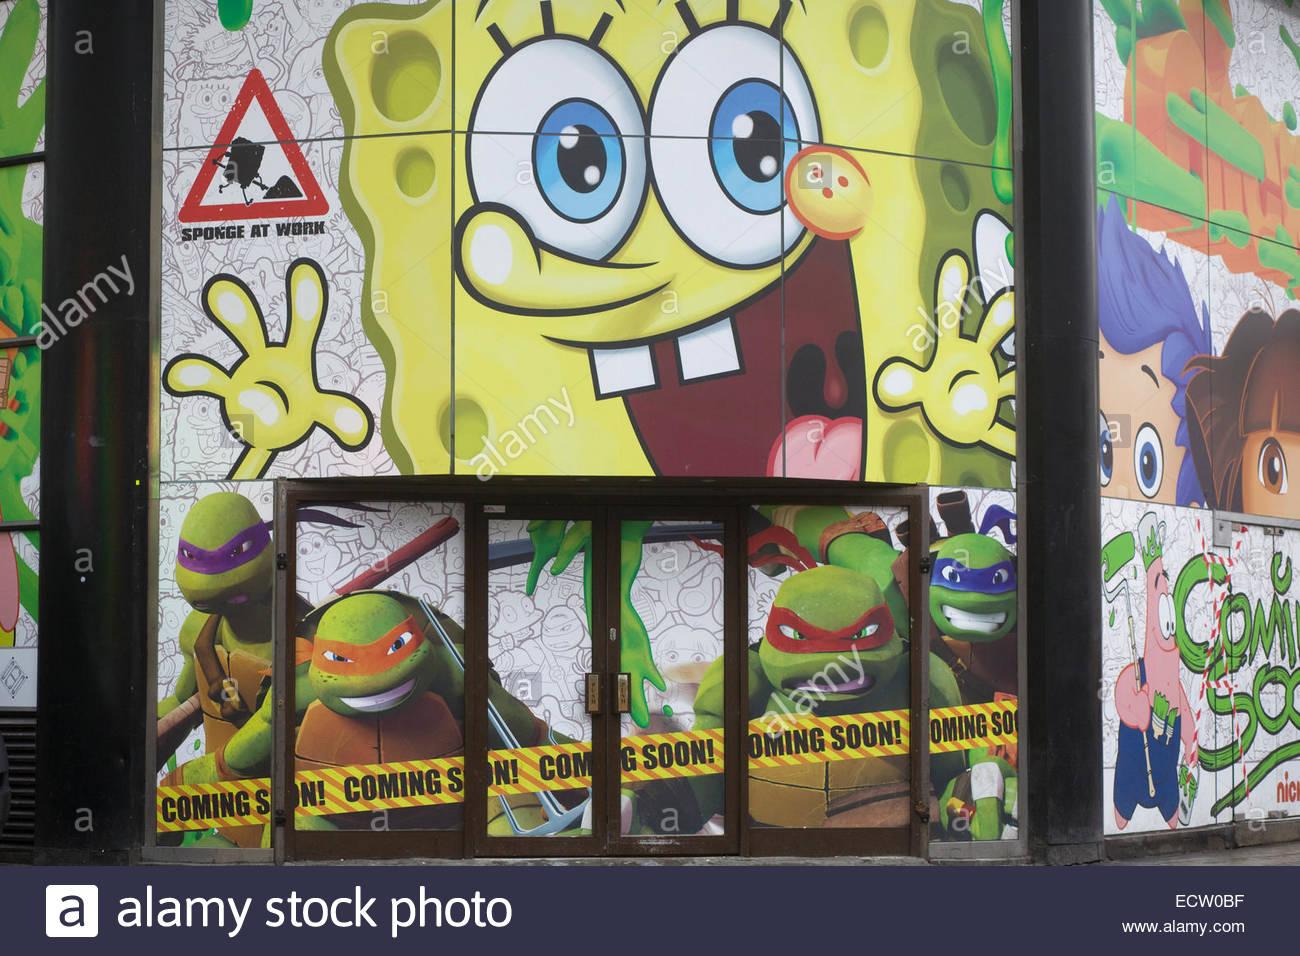 Billboard for the nickelodeon film SpongeBob SquarePants - Stock Image